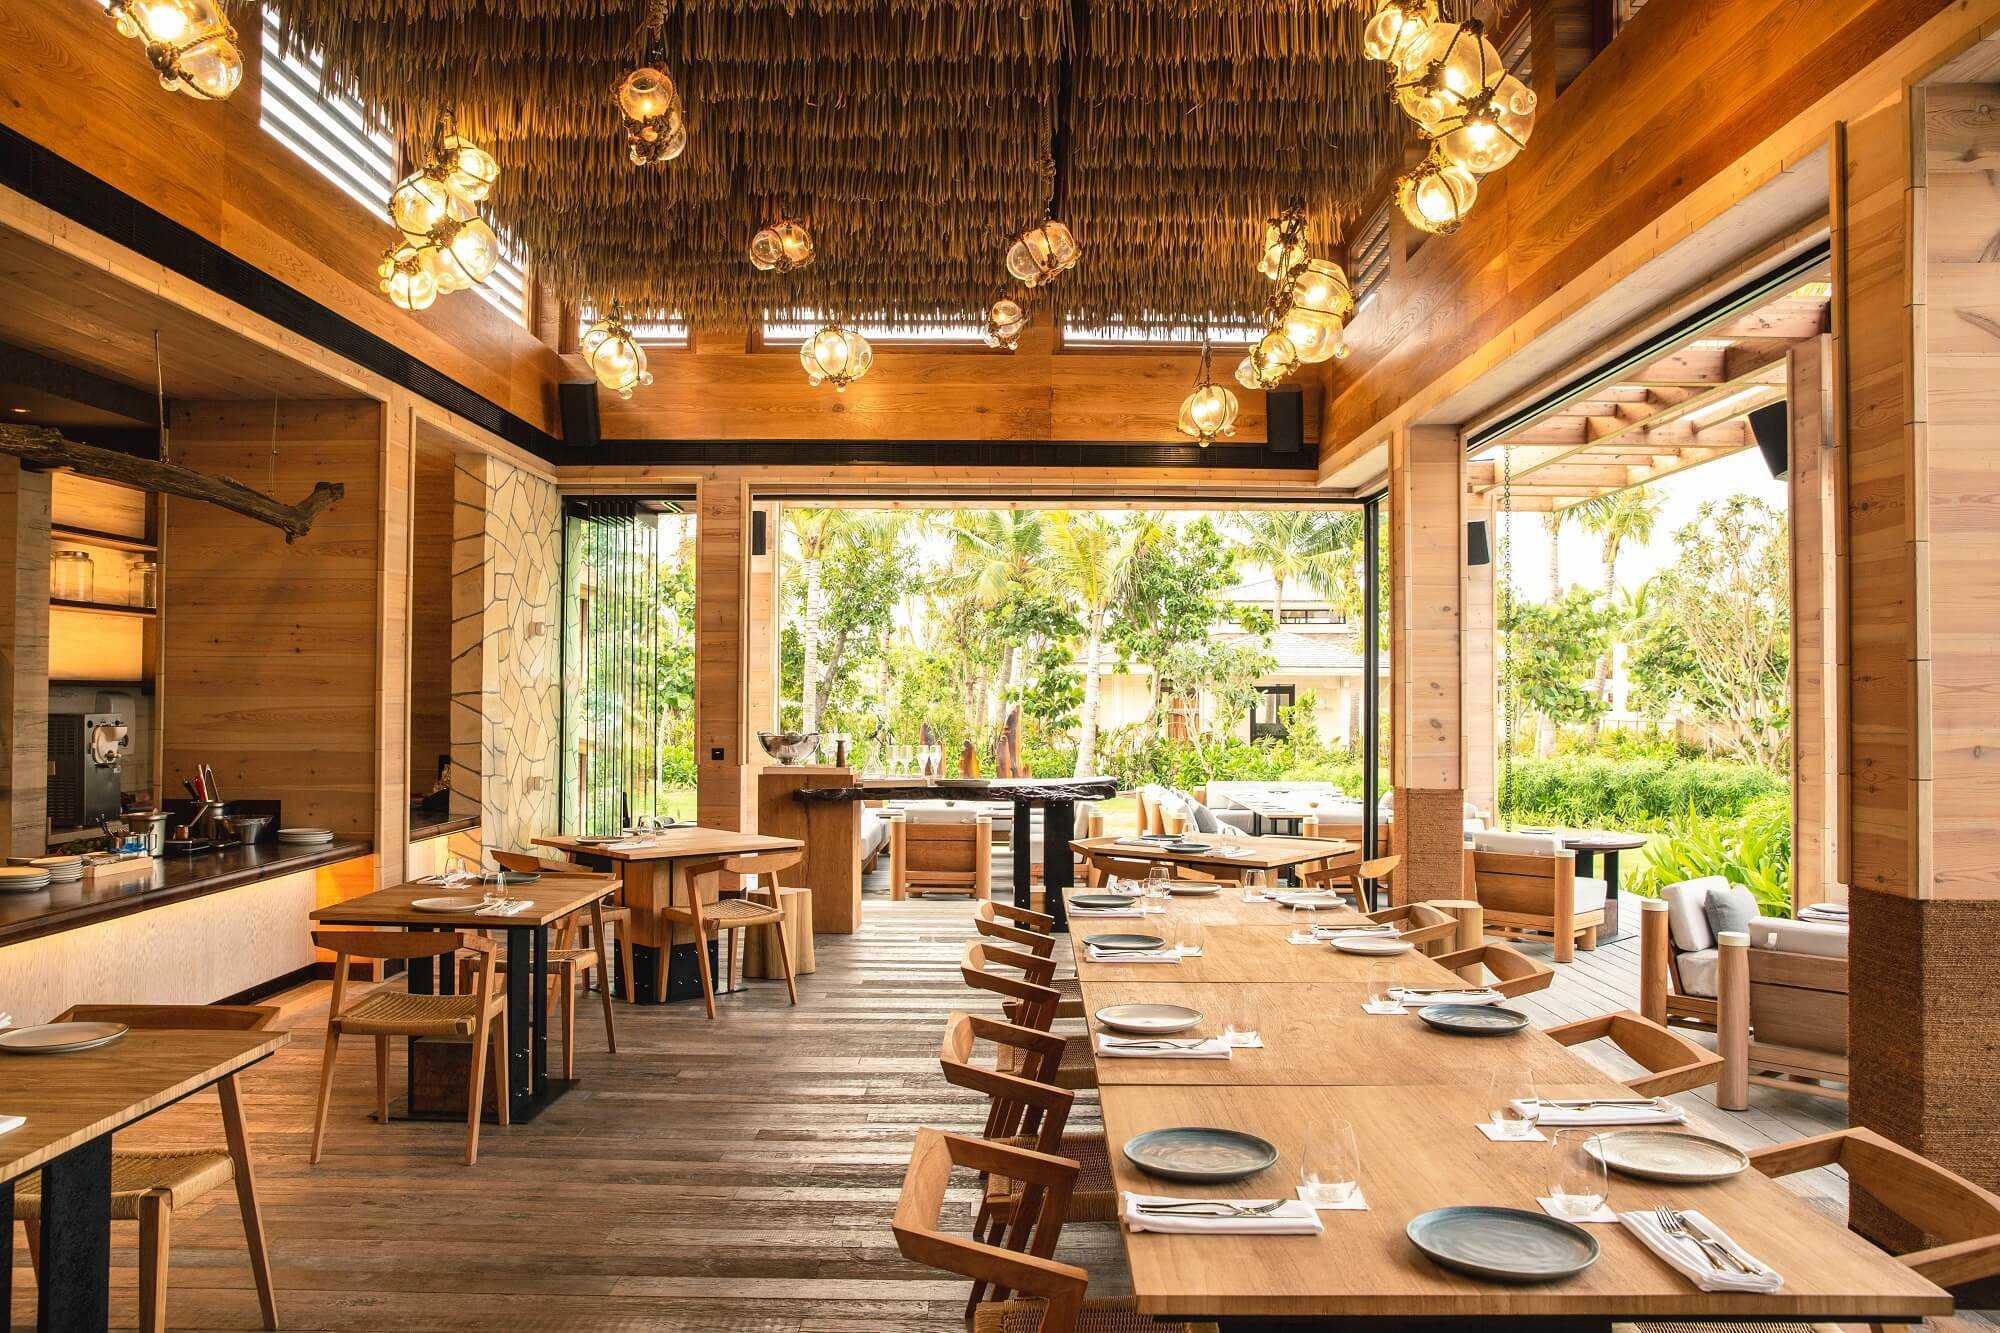 Waldorf Astoria Maldives Restaurant